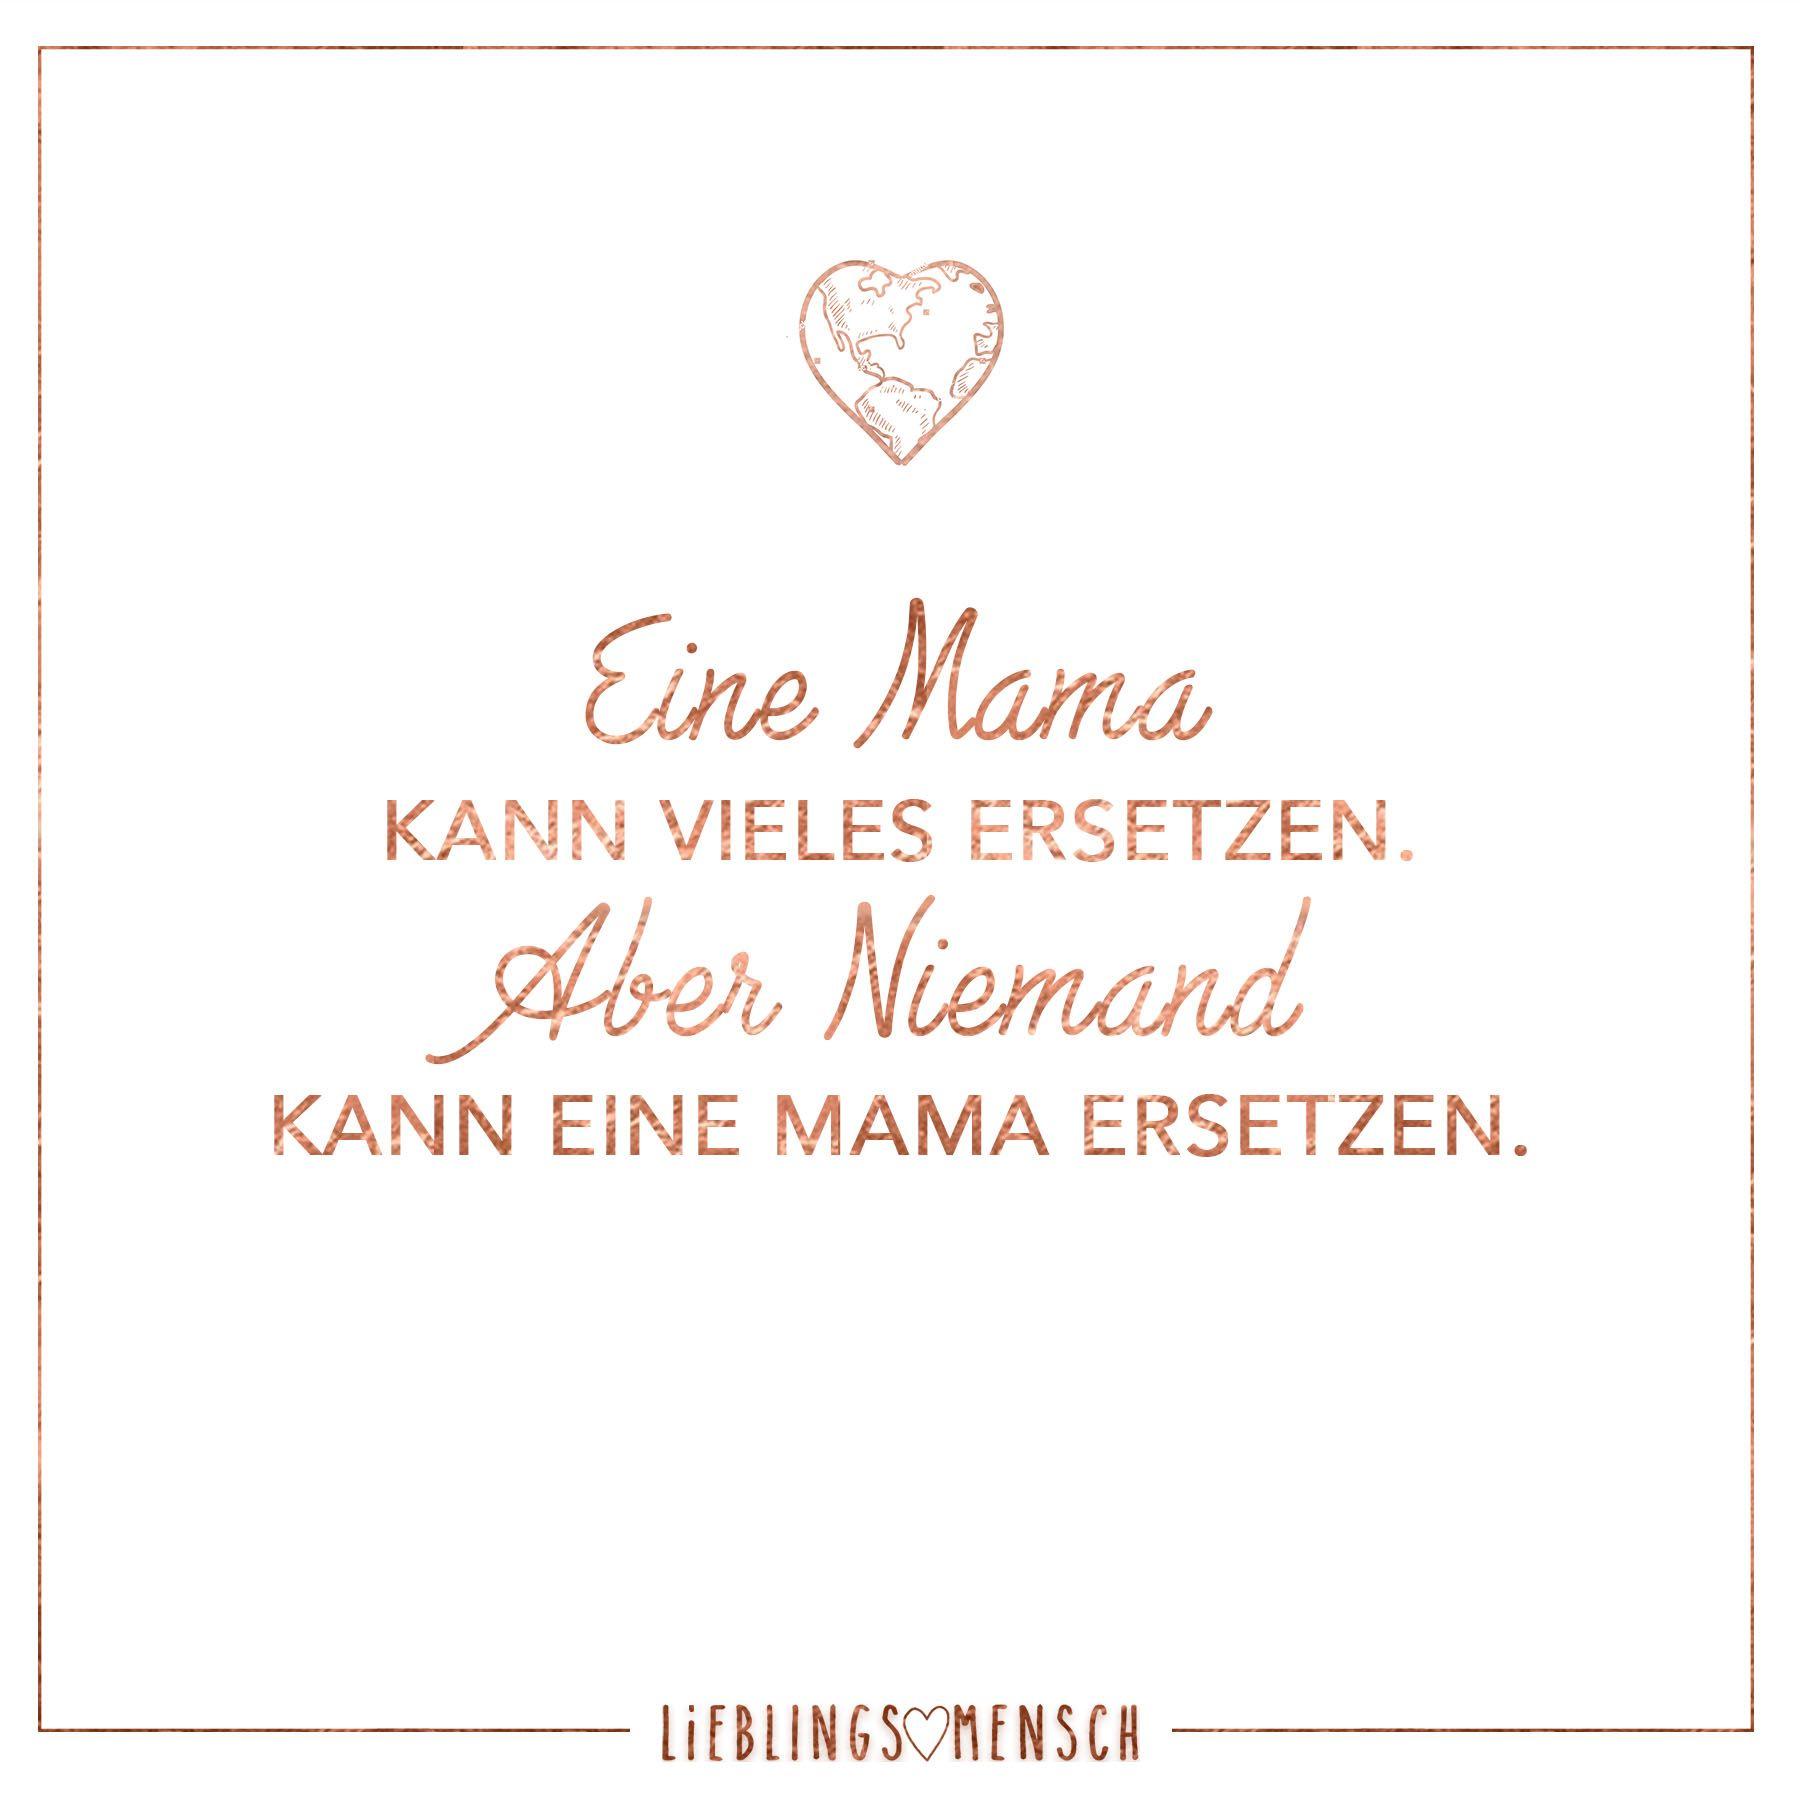 Eine Mama kann vieles ersetzten. Aber niemand kann eine Mama